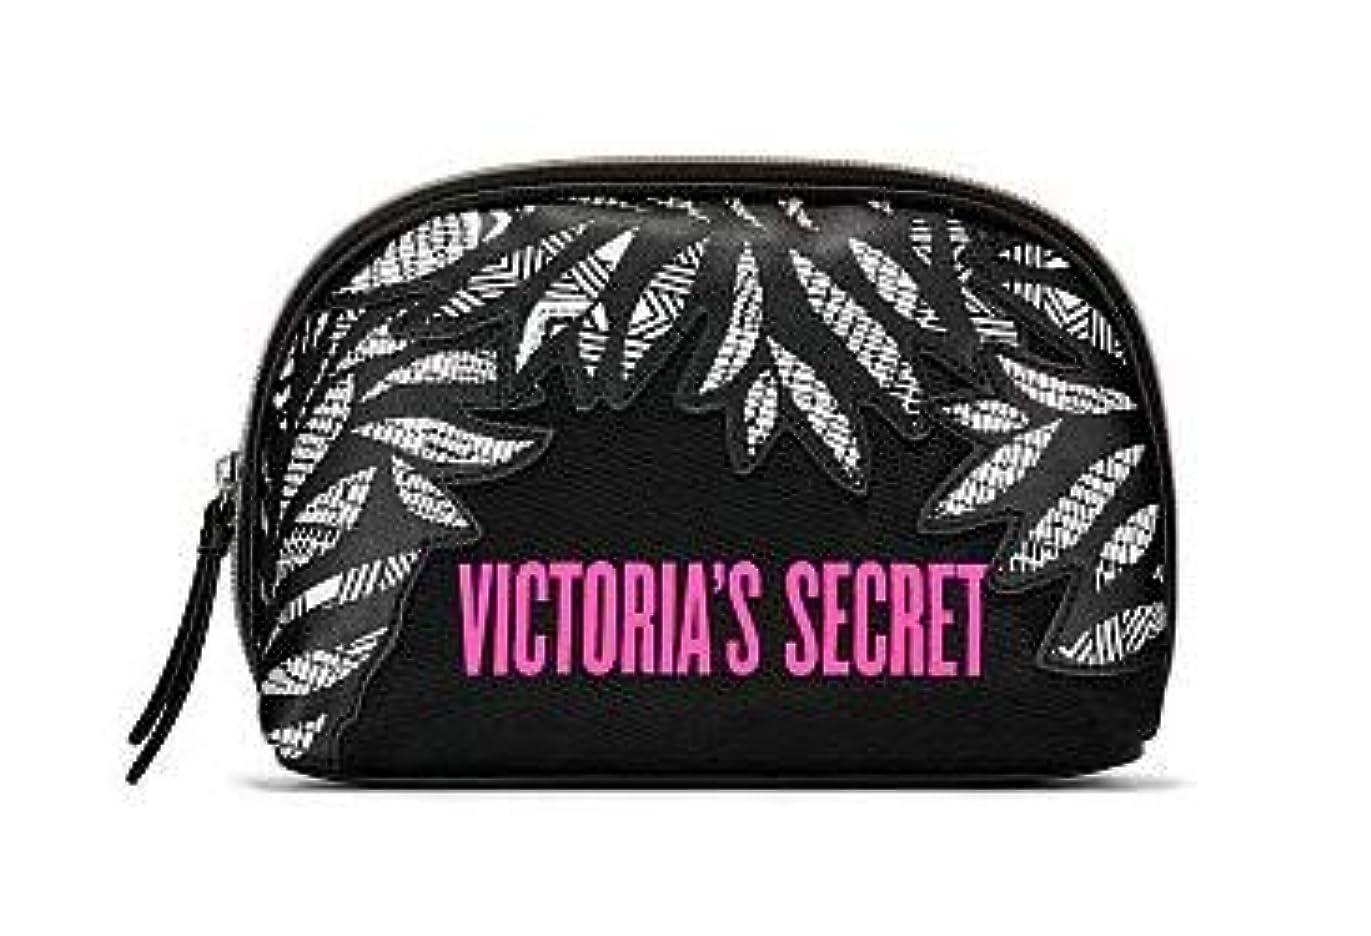 ロッジアナリスト中世のVICTORIA'S SECRET (ヴィクトリアシークレット) ポーチ スモールサイズ Graphic Blooms Glam Bag [並行輸入品]